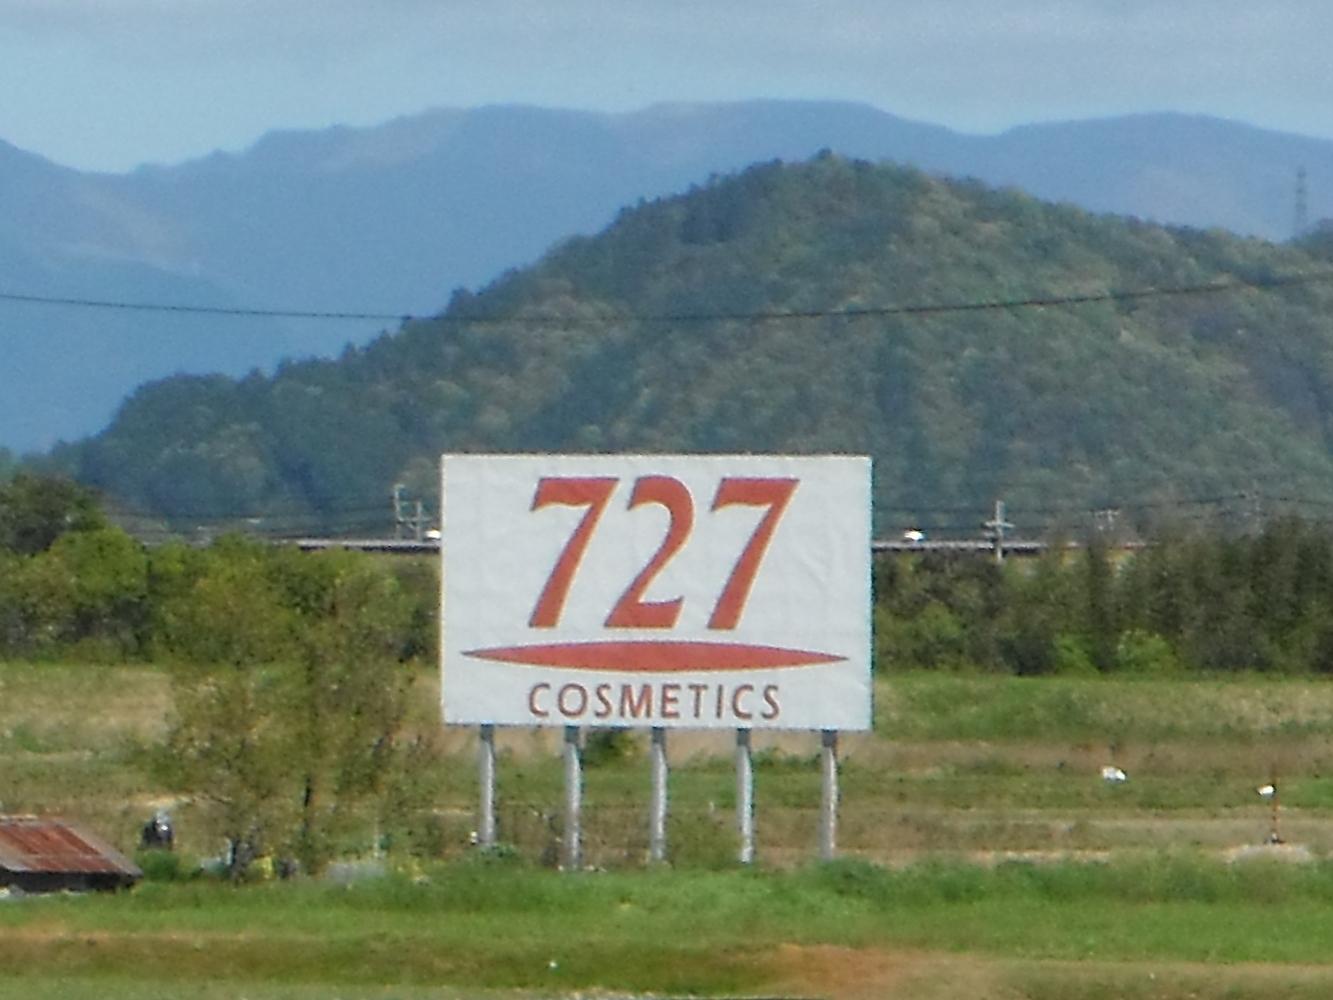 727cosmetics